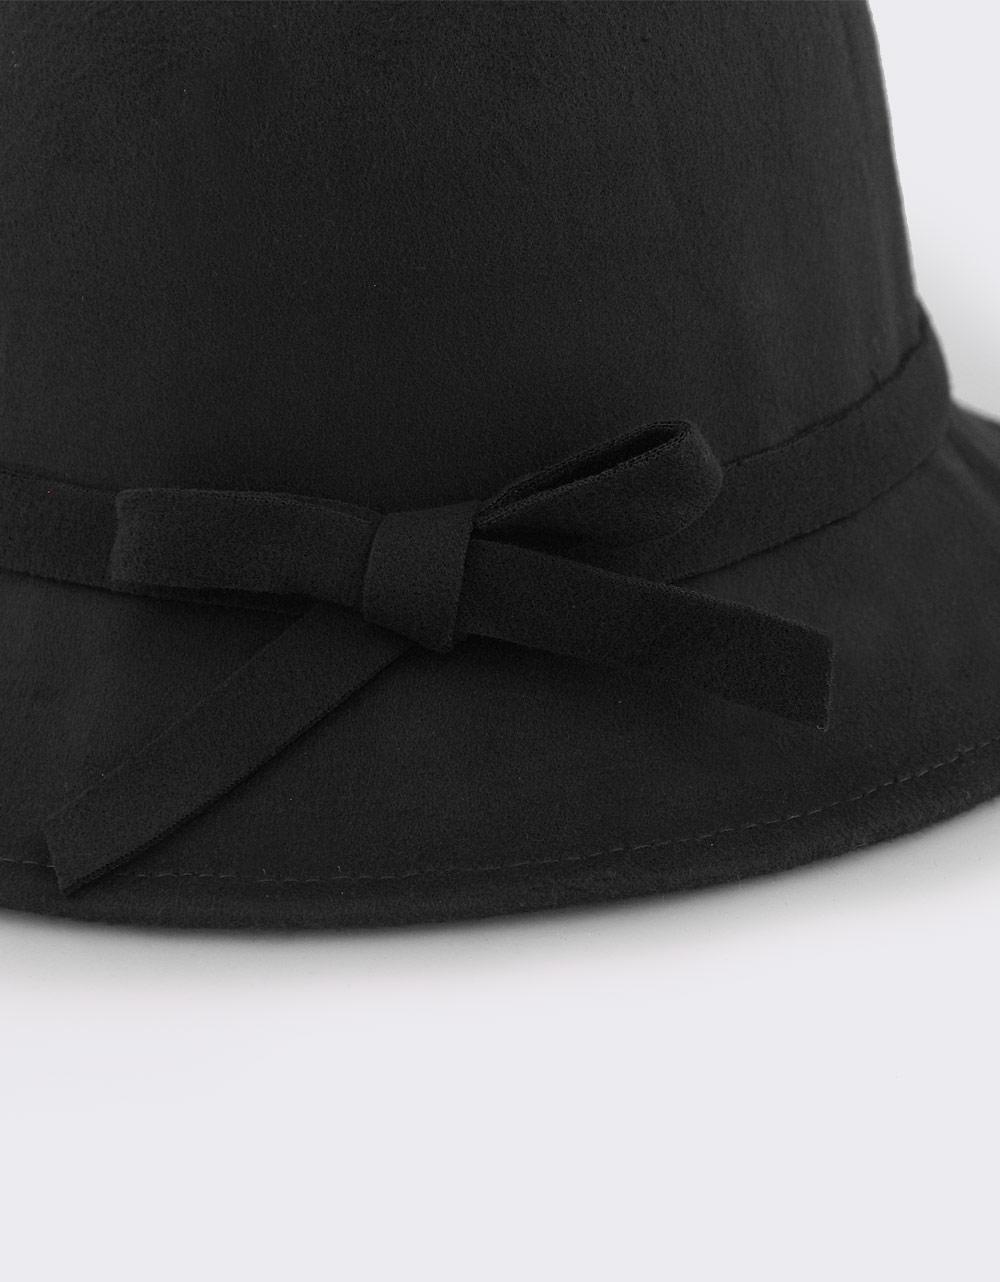 Εικόνα από Γυναικεία καπέλα με αλυσίδα και φιόγκο Μαύρο